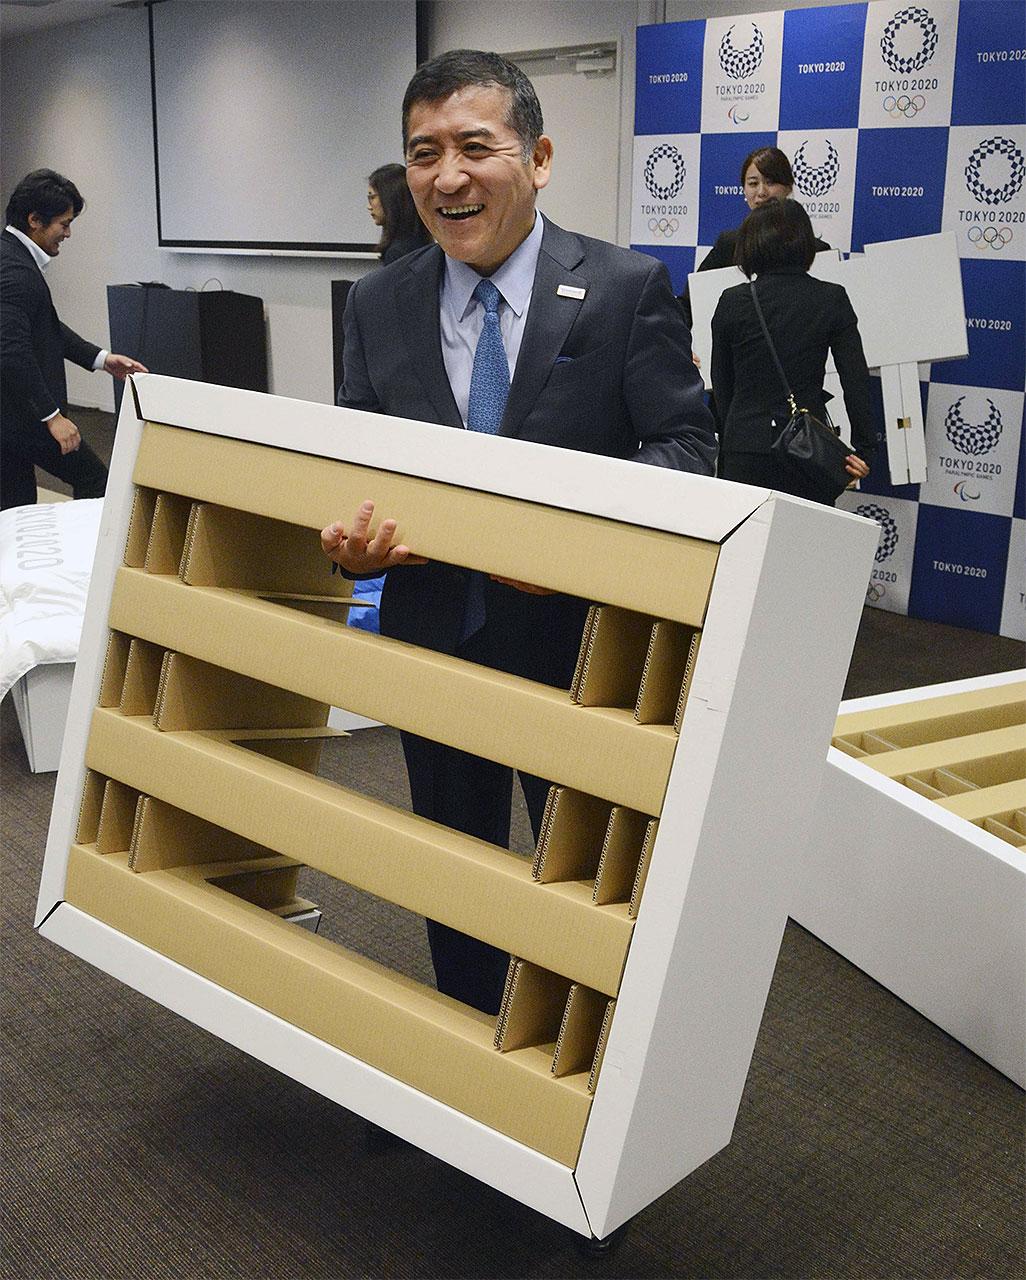 Минимализм до крайности: Олимпийские спортсмены в Токио спят на картонных кроватях